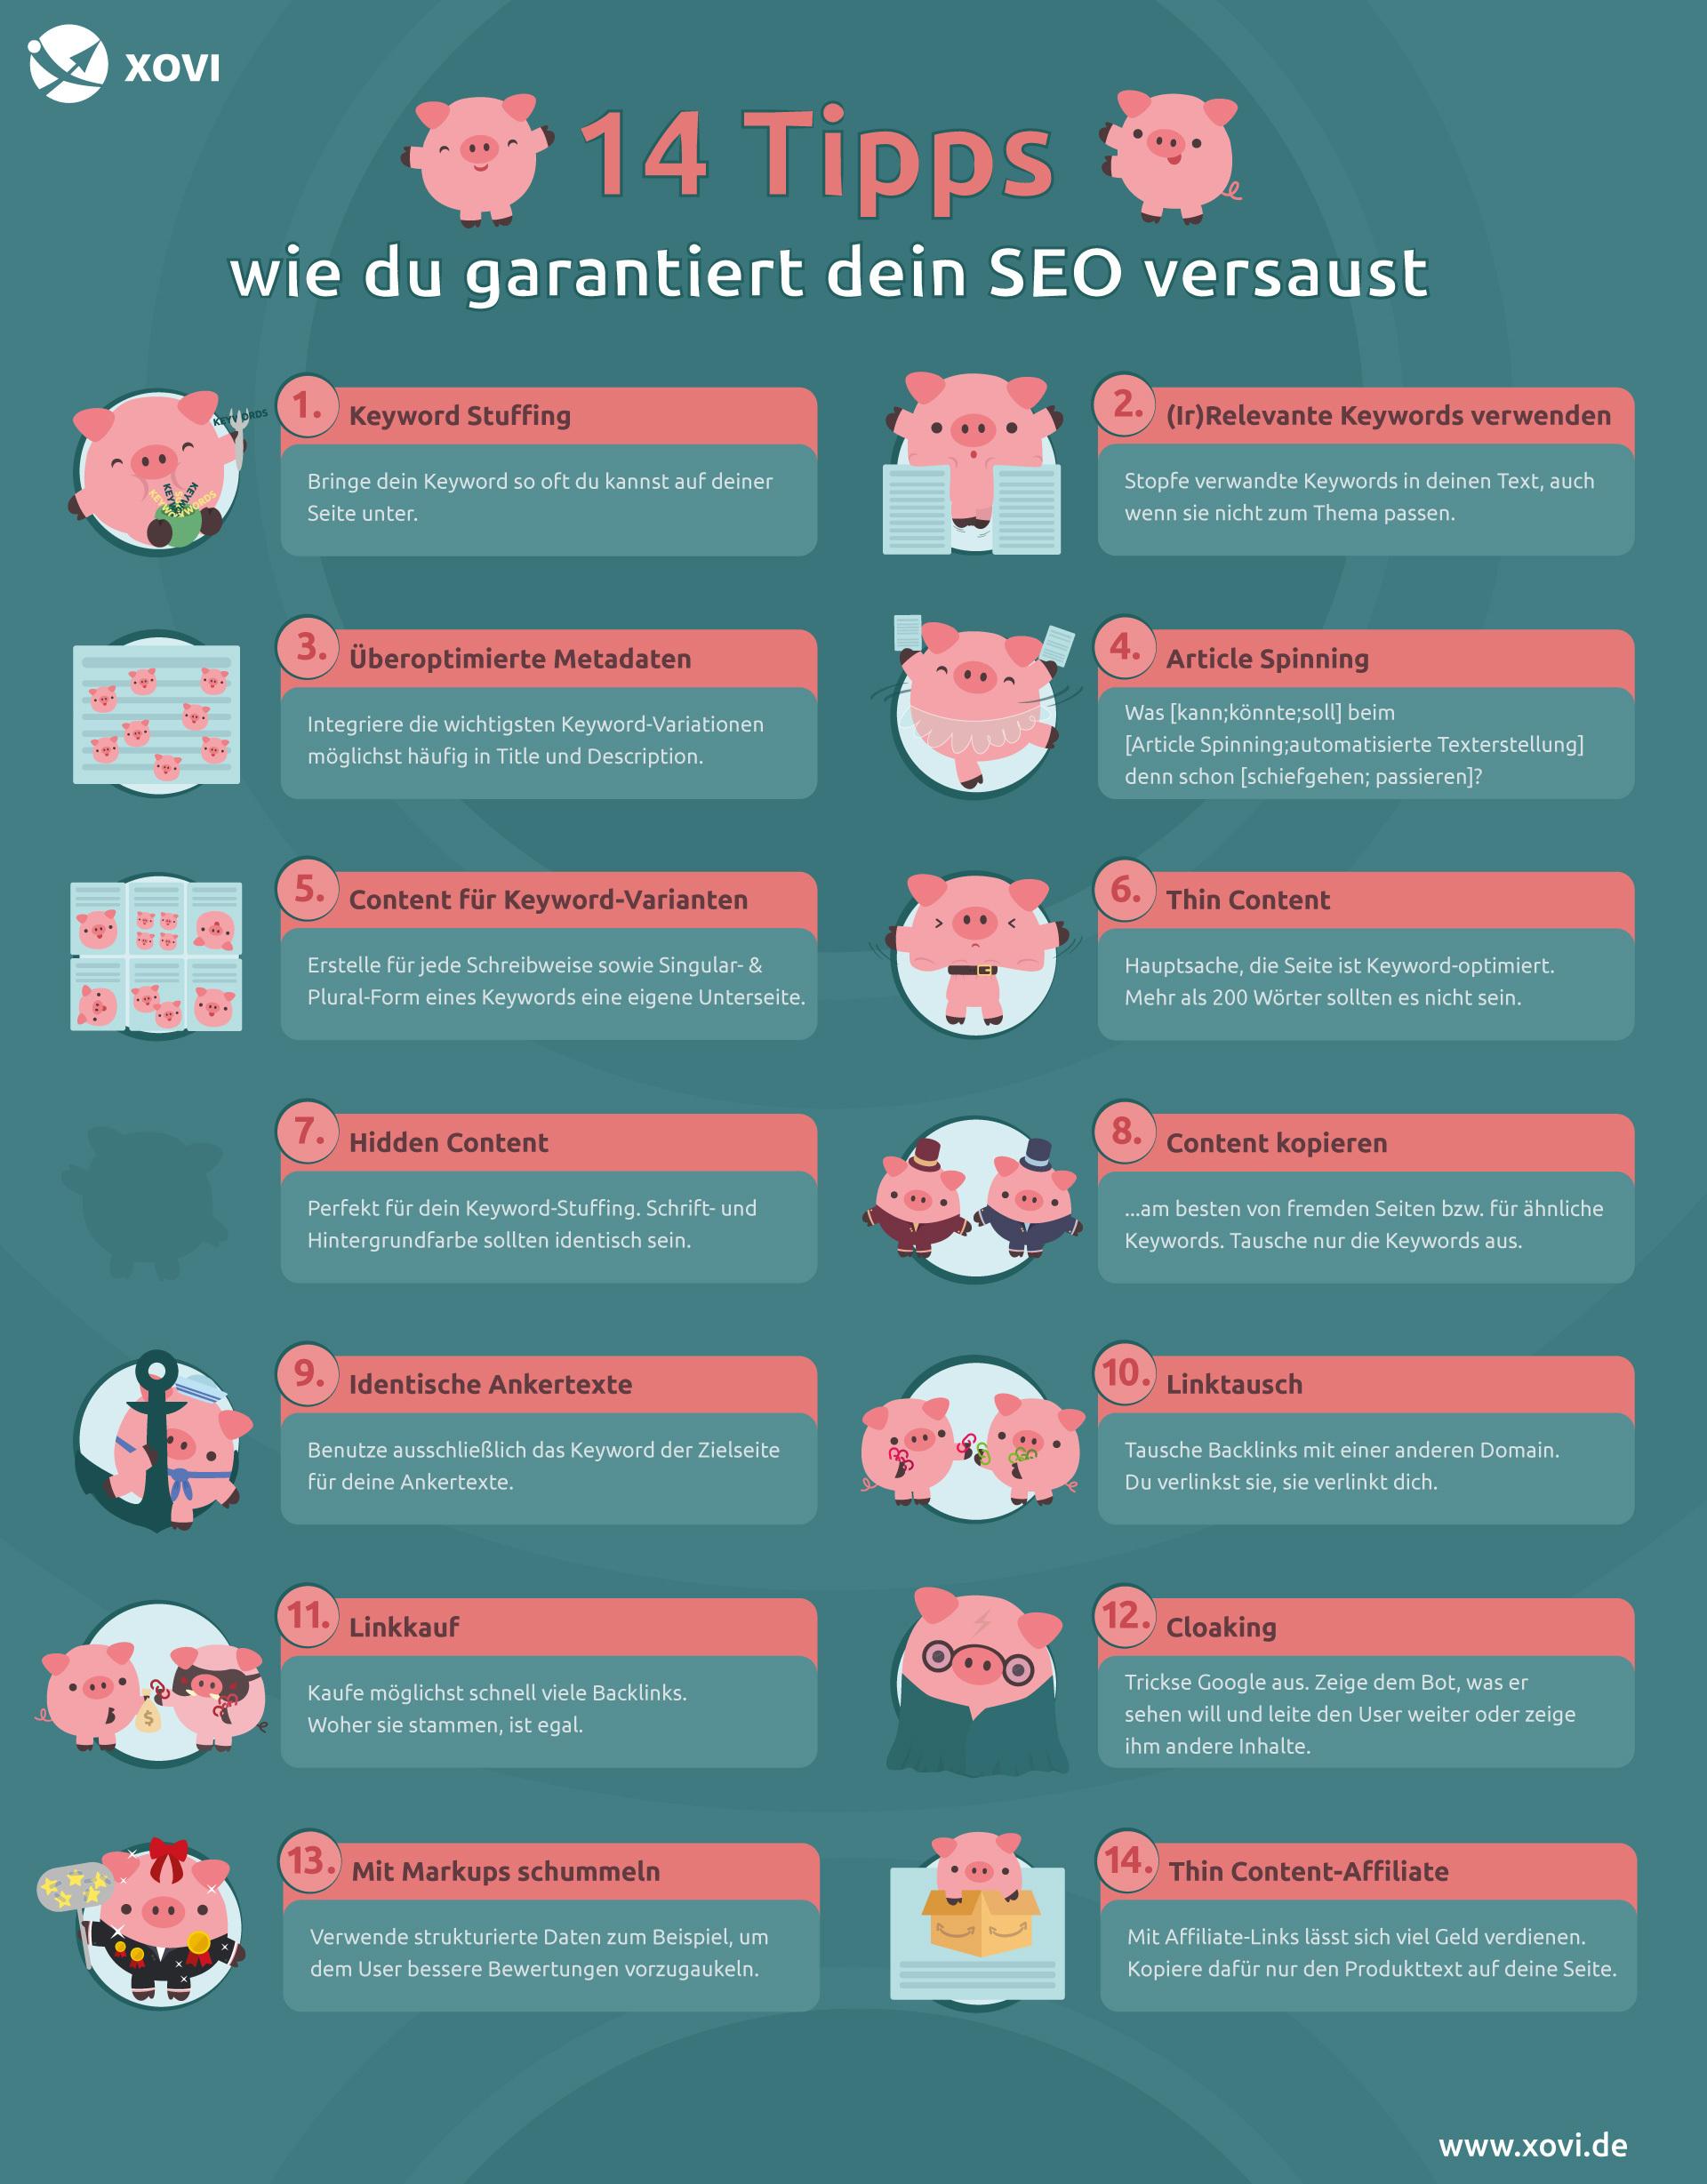 Checkliste mit 14 SEO-Maßnahmen, die vermieden werden sollten